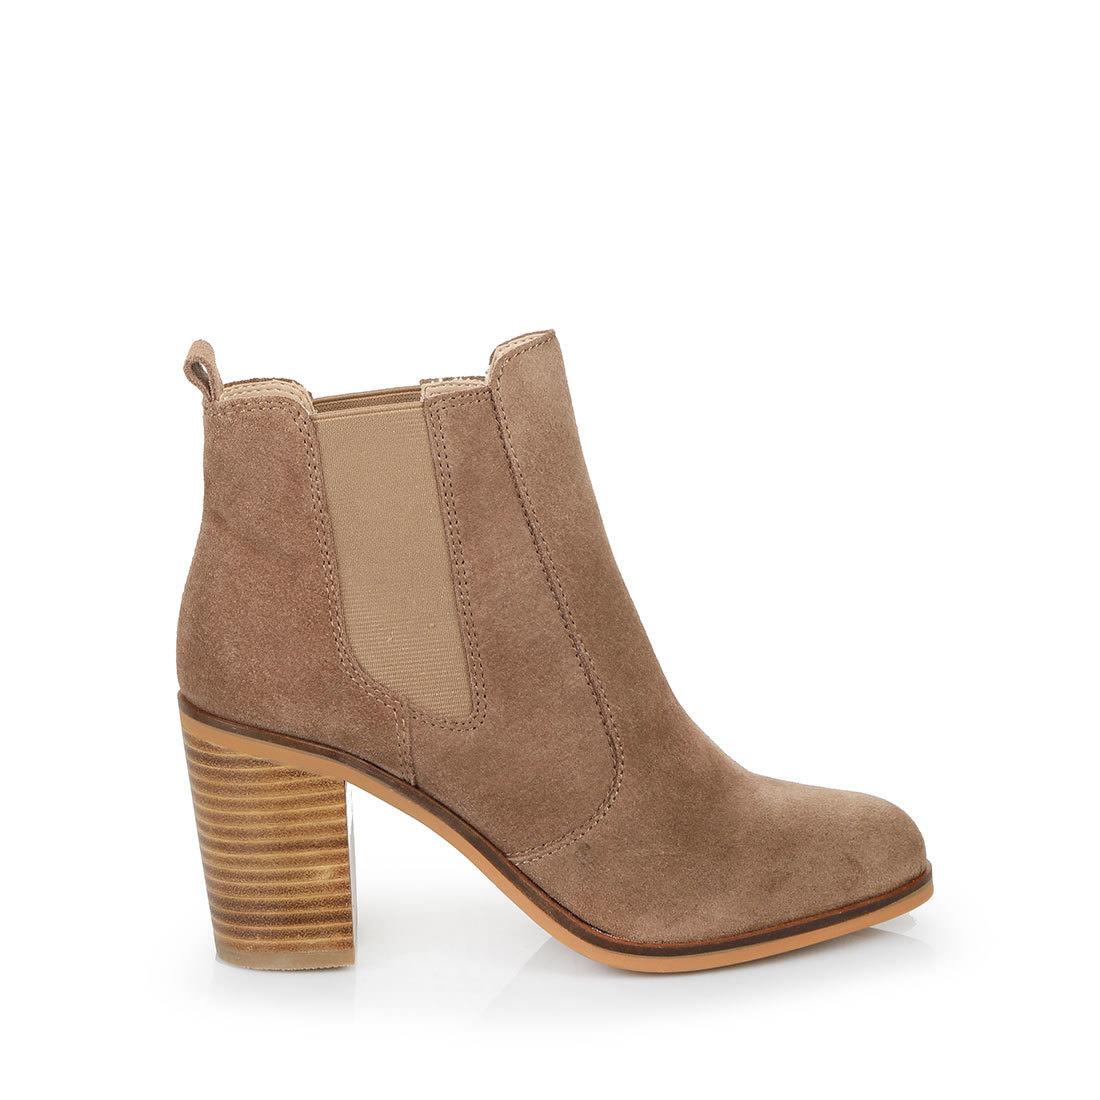 Buffalo ankle boots in dark beige buy online in BUFFALO